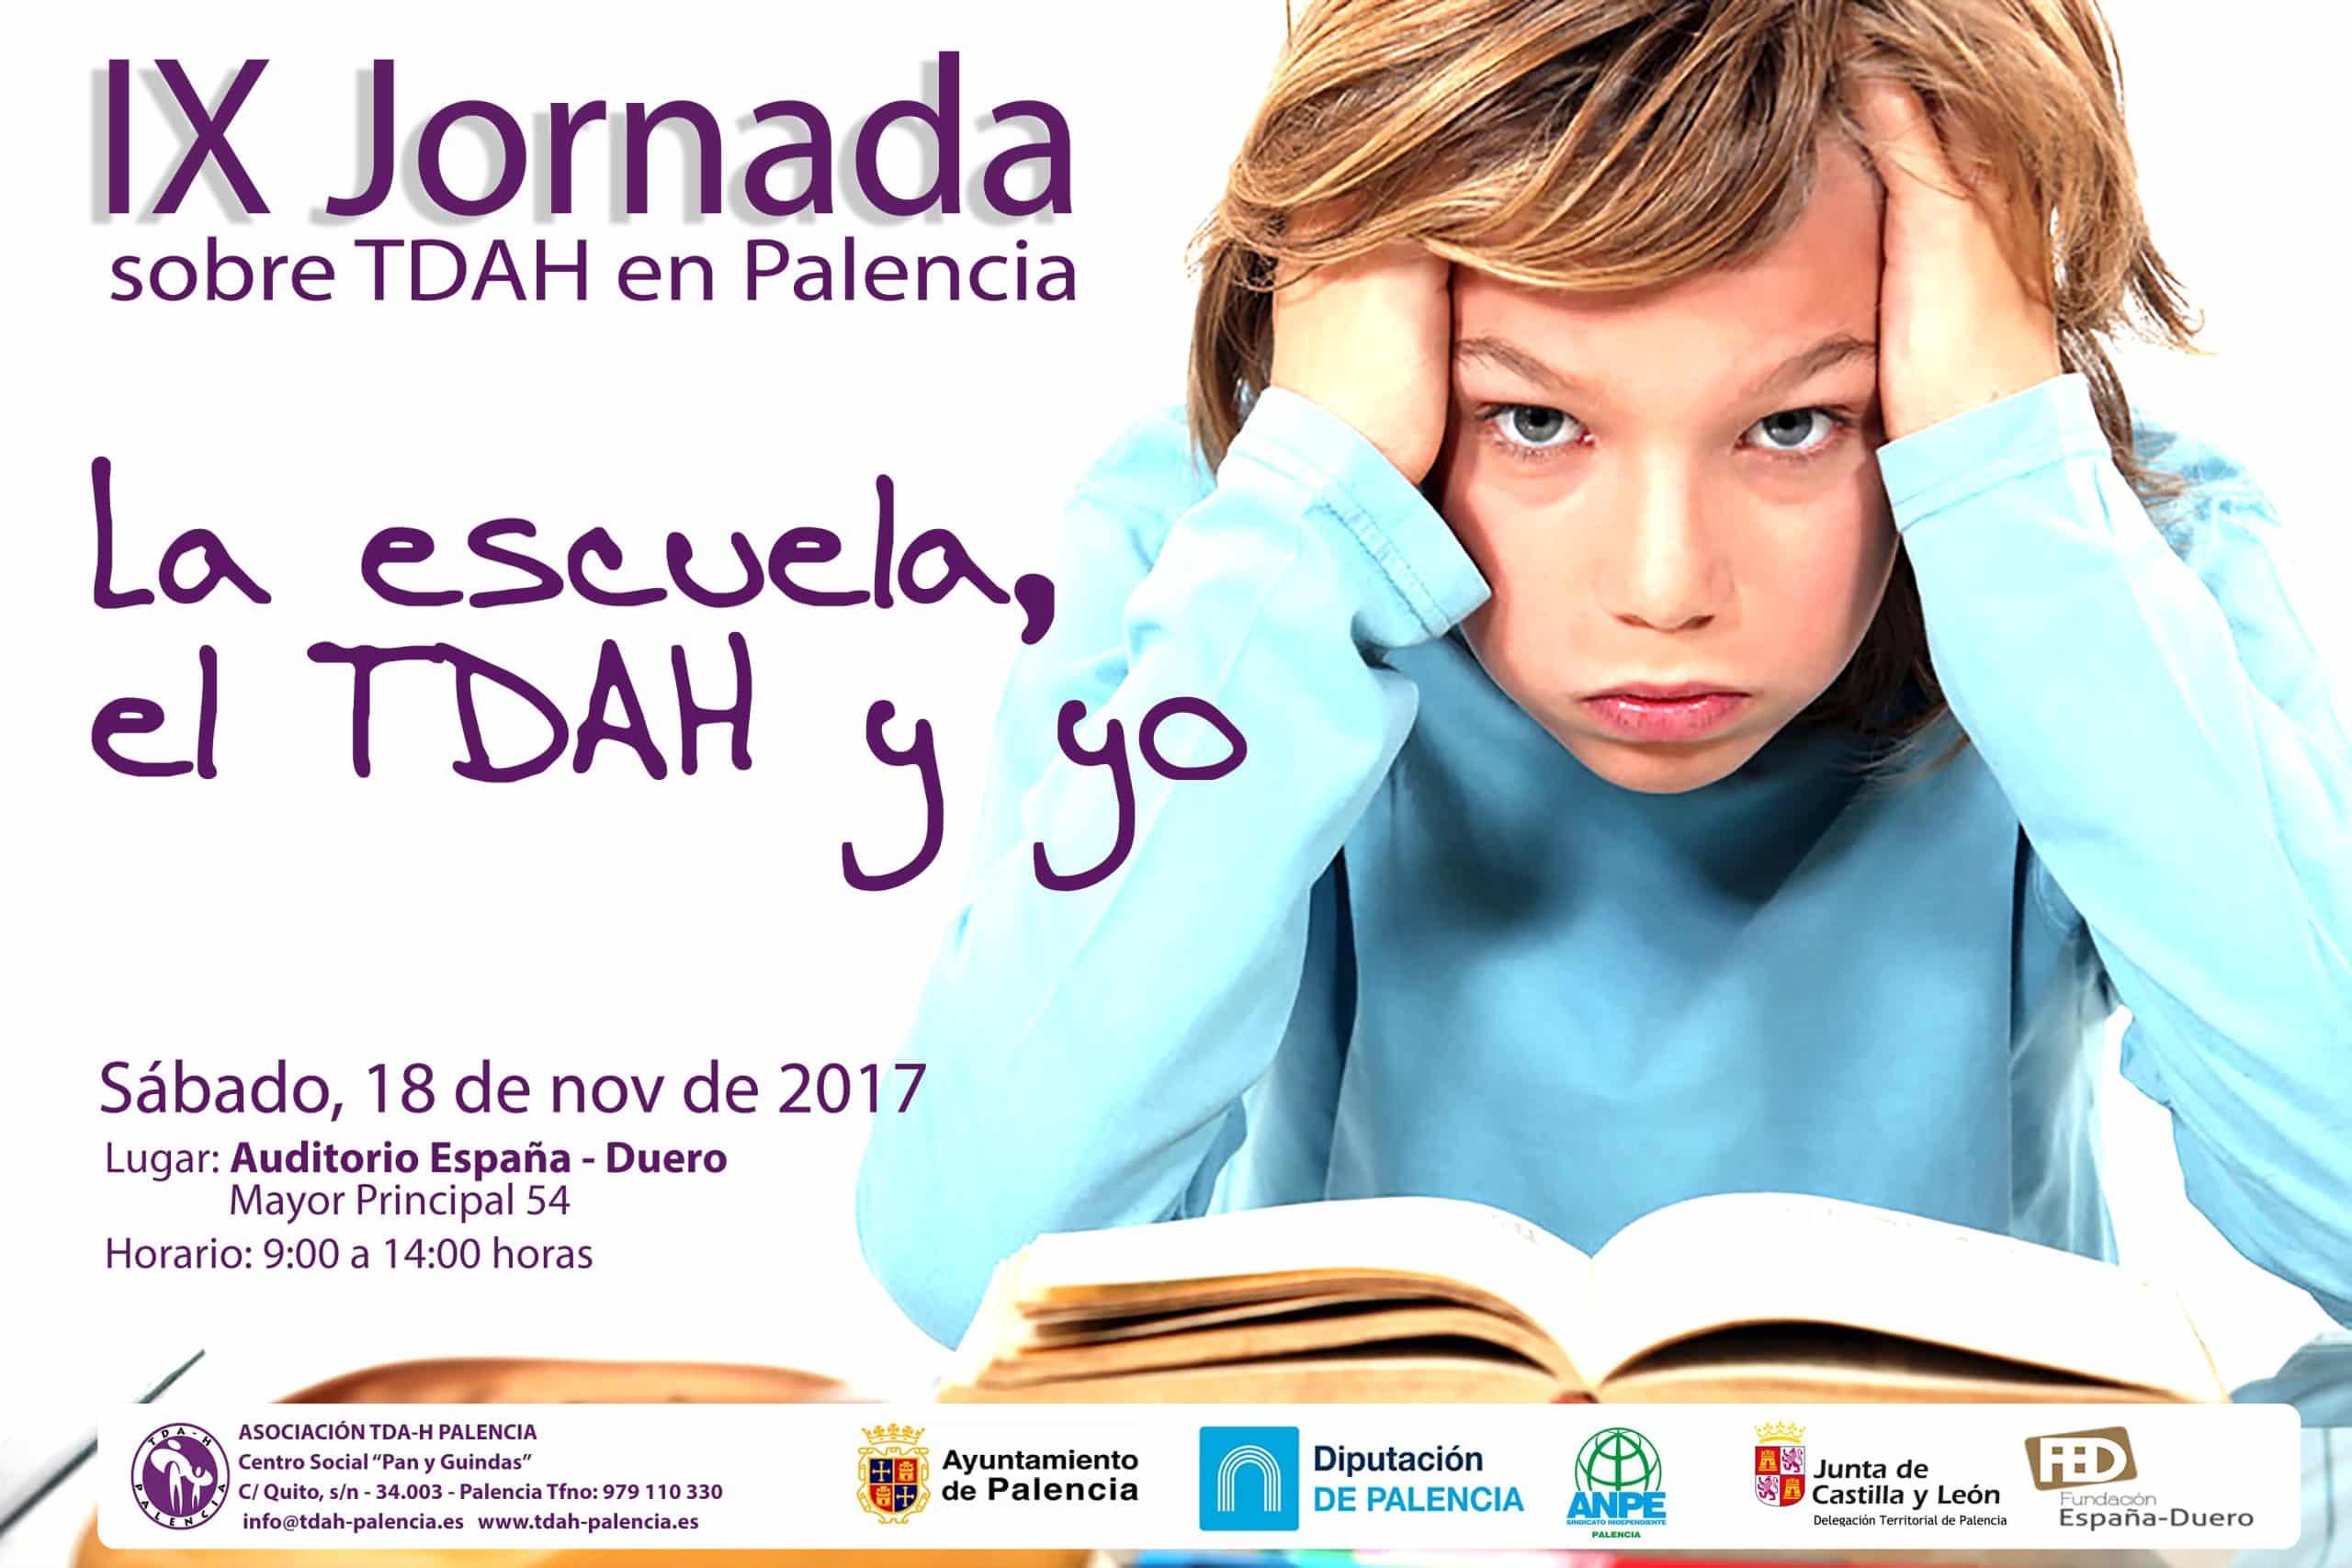 TDAH Palencia